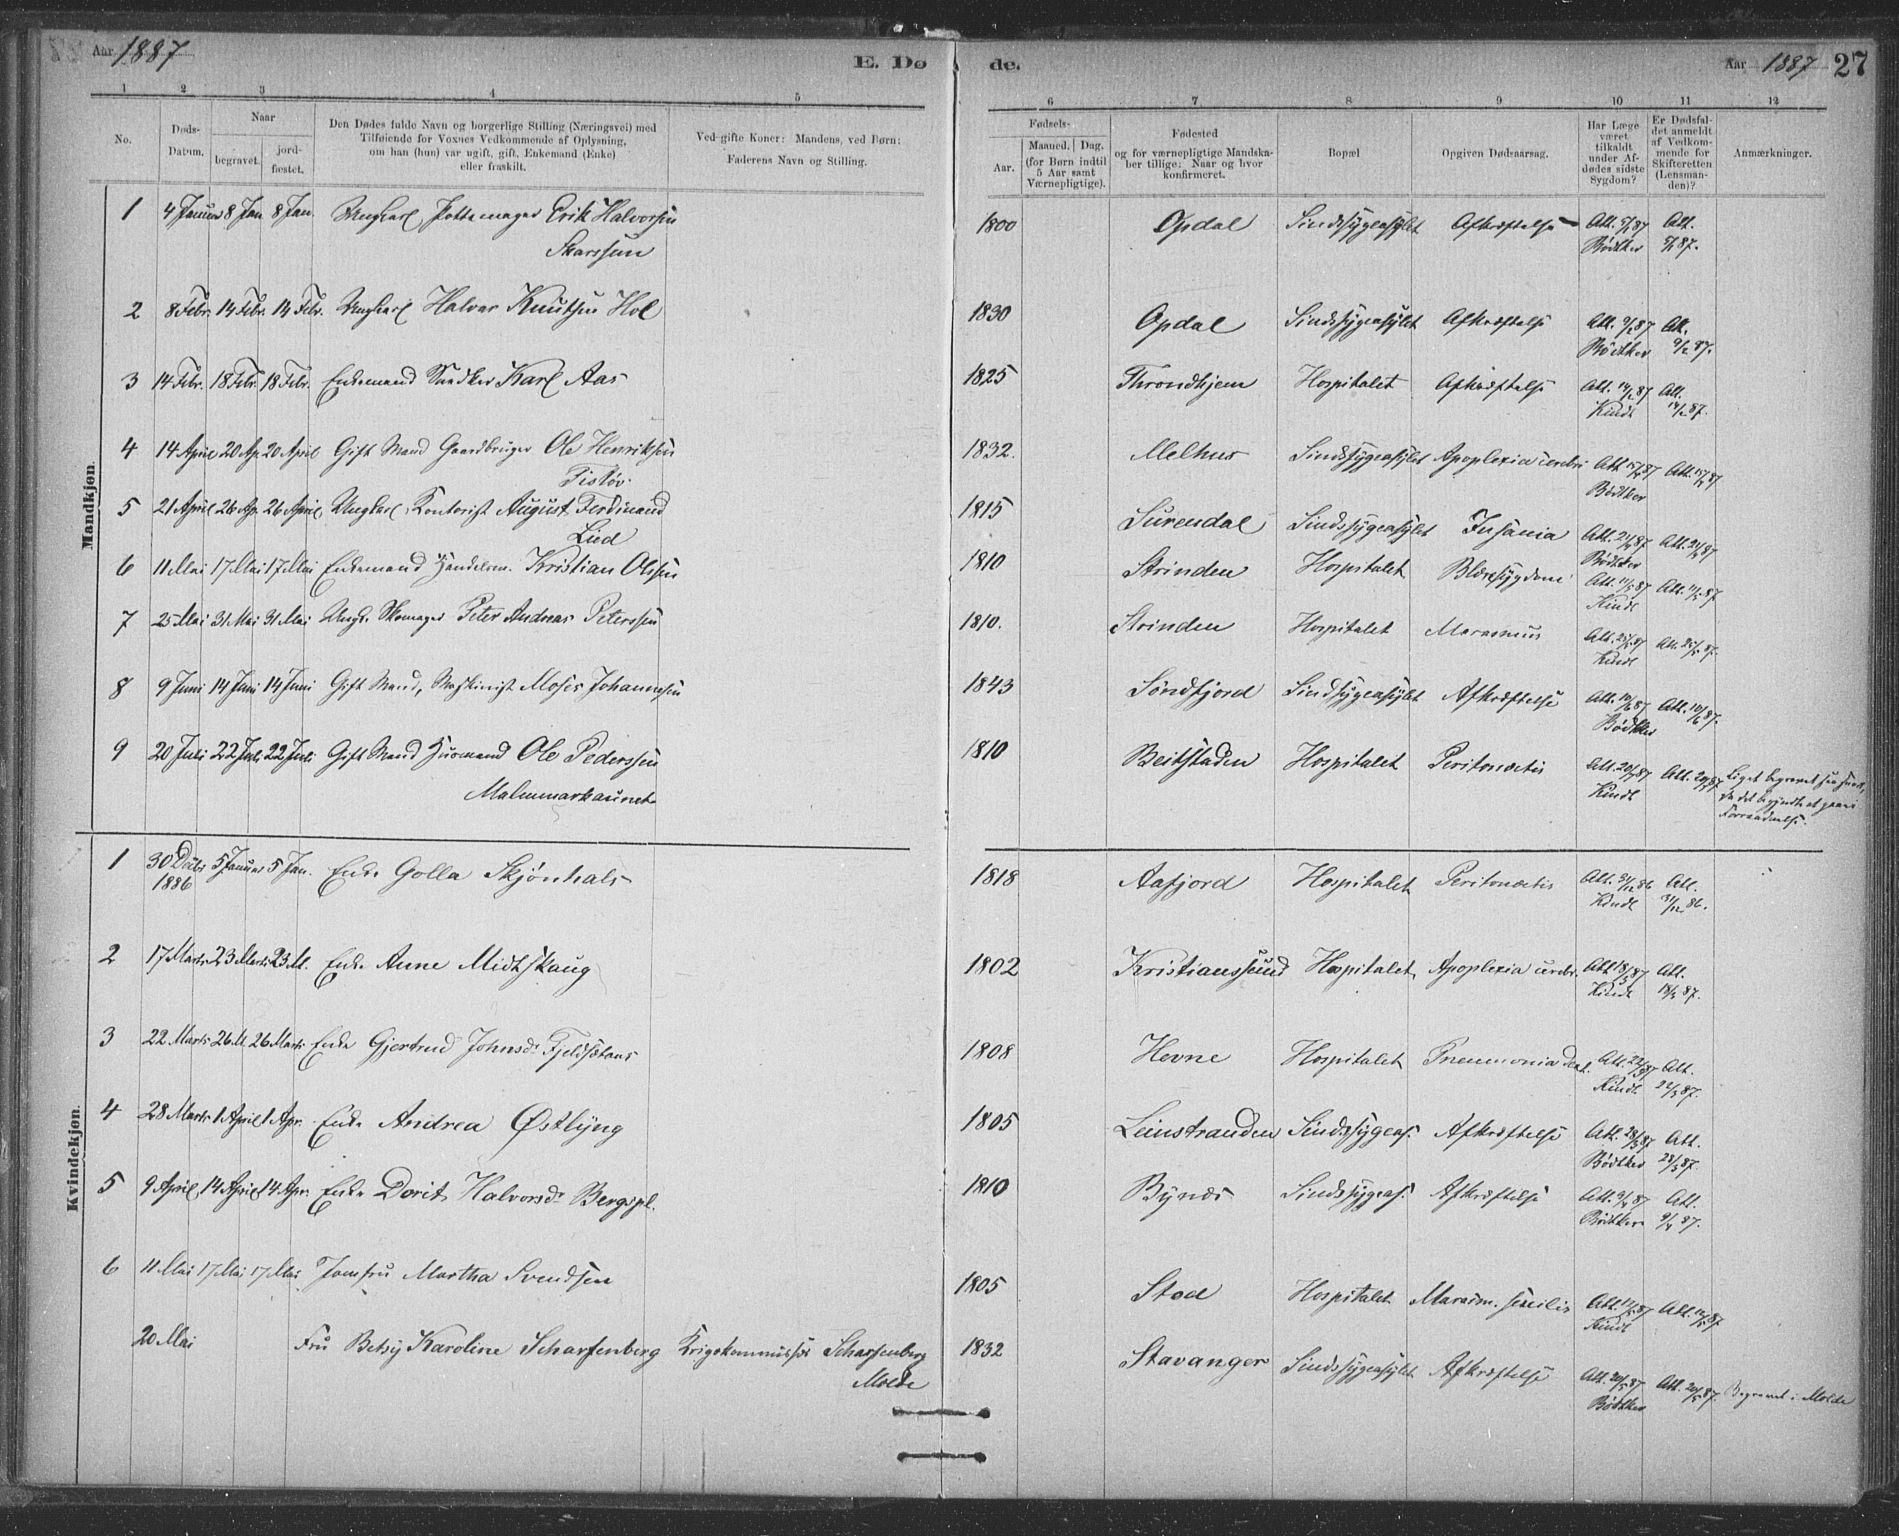 SAT, Ministerialprotokoller, klokkerbøker og fødselsregistre - Sør-Trøndelag, 623/L0470: Ministerialbok nr. 623A04, 1884-1938, s. 27